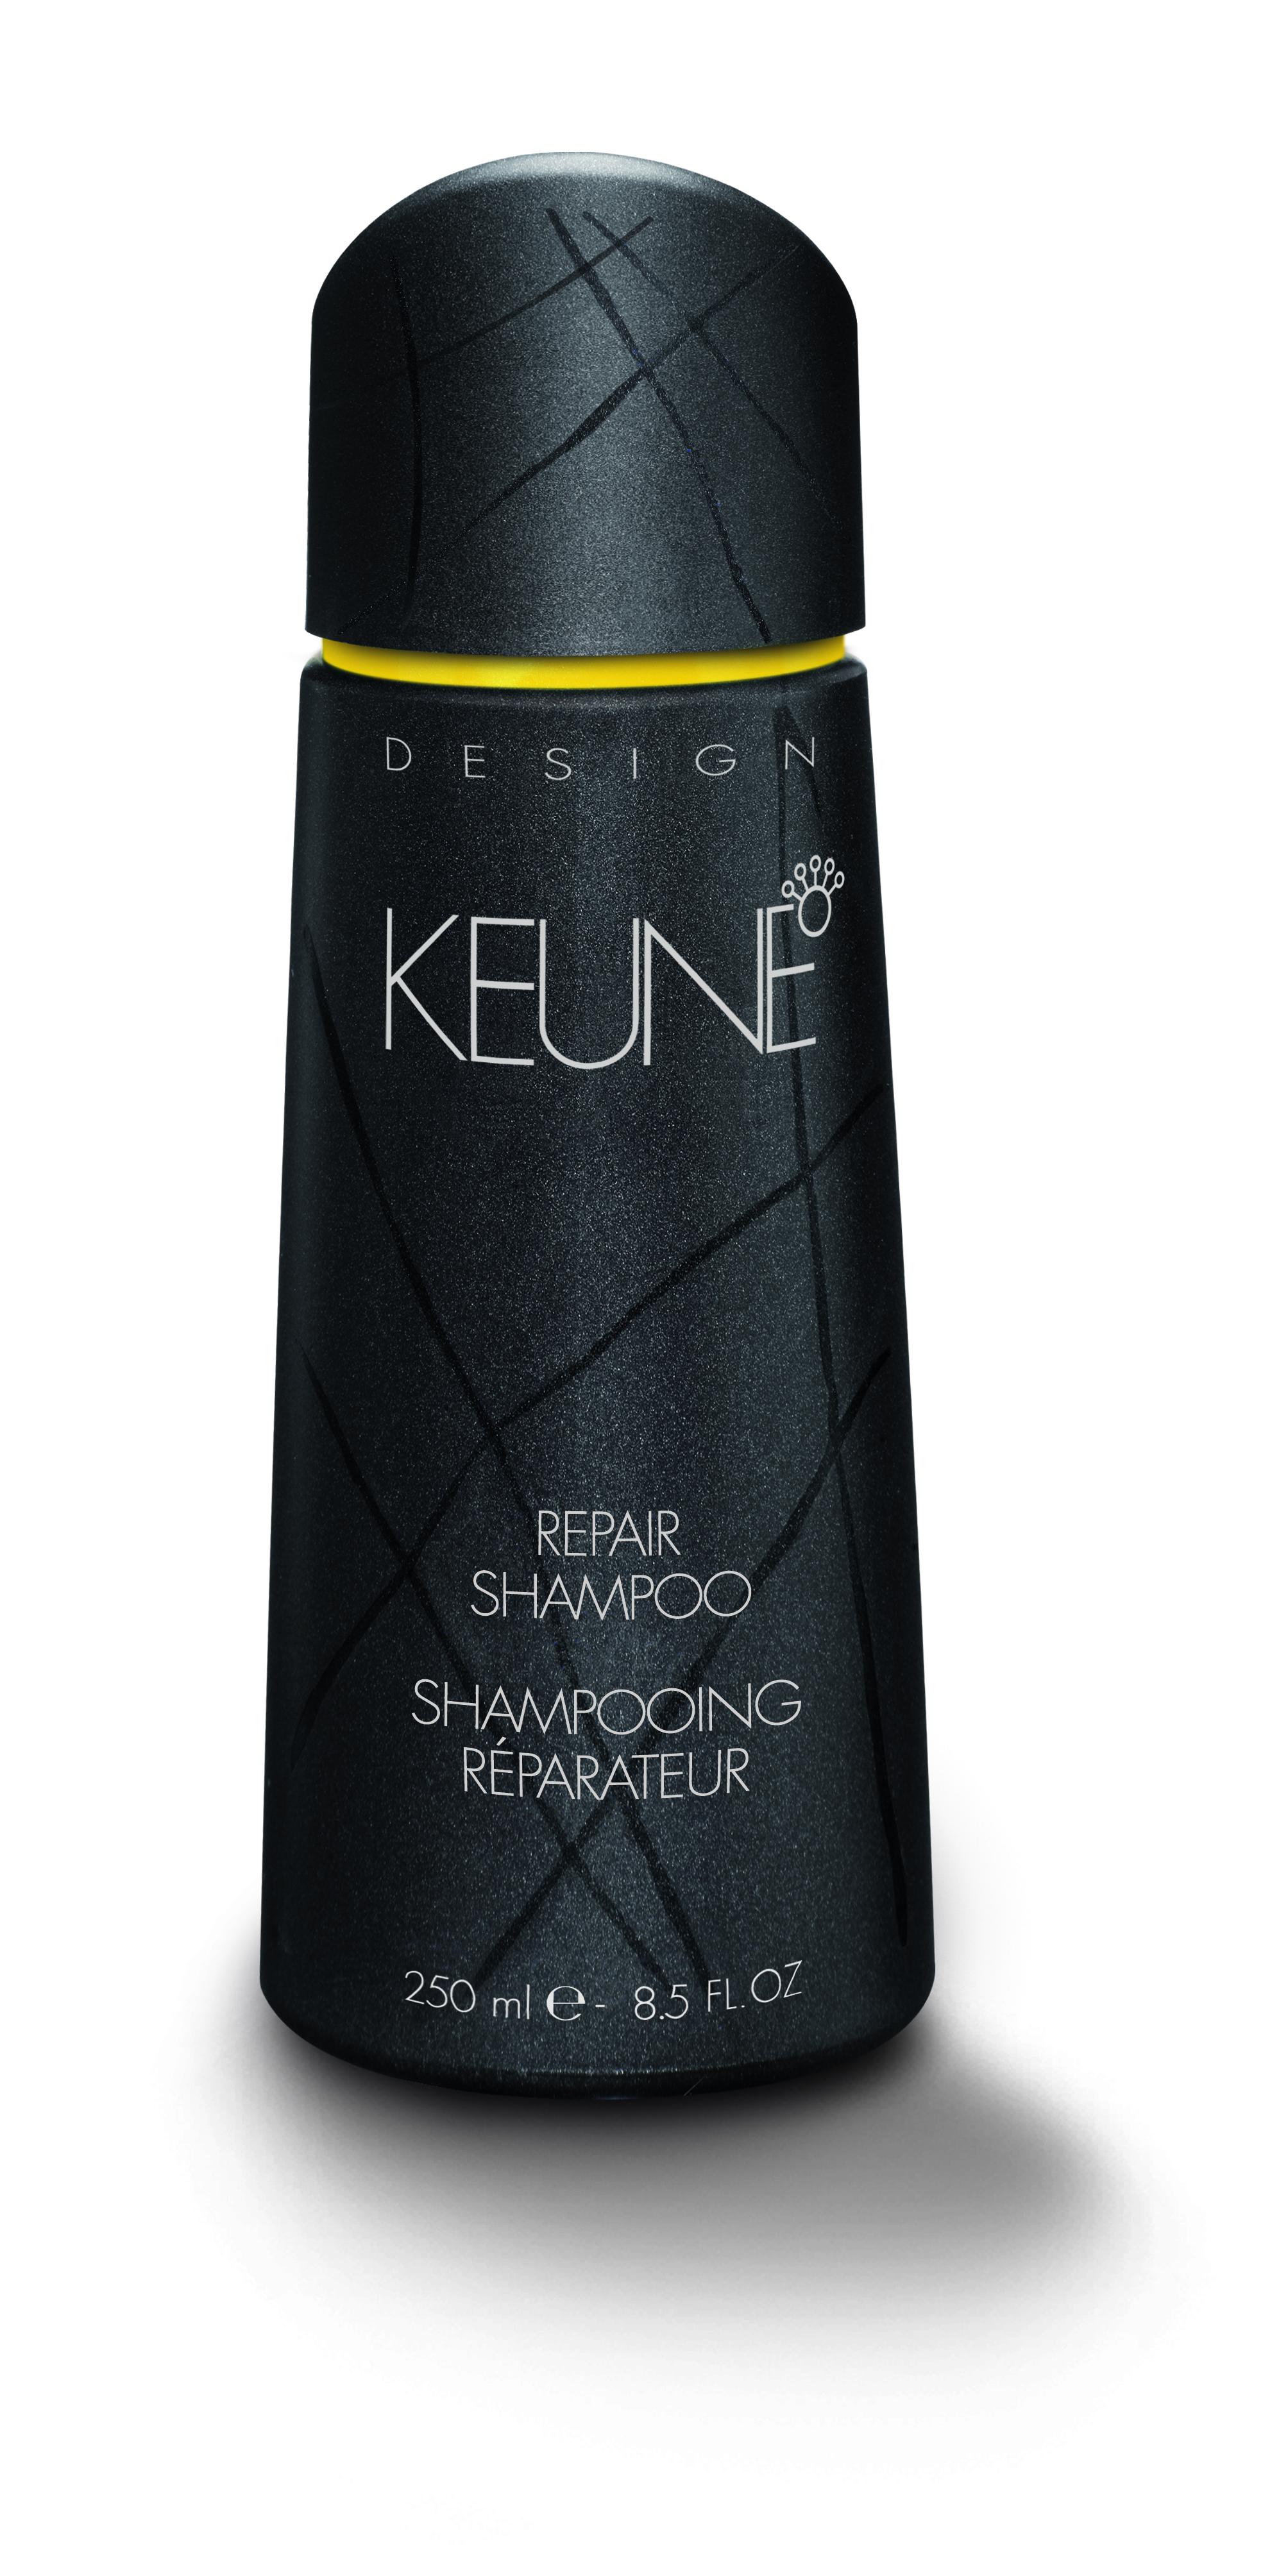 KEUNE Шампунь Восстановление / REPAIR SHAMPOO 250мл шампунь keune repair shampoo объем 250 мл